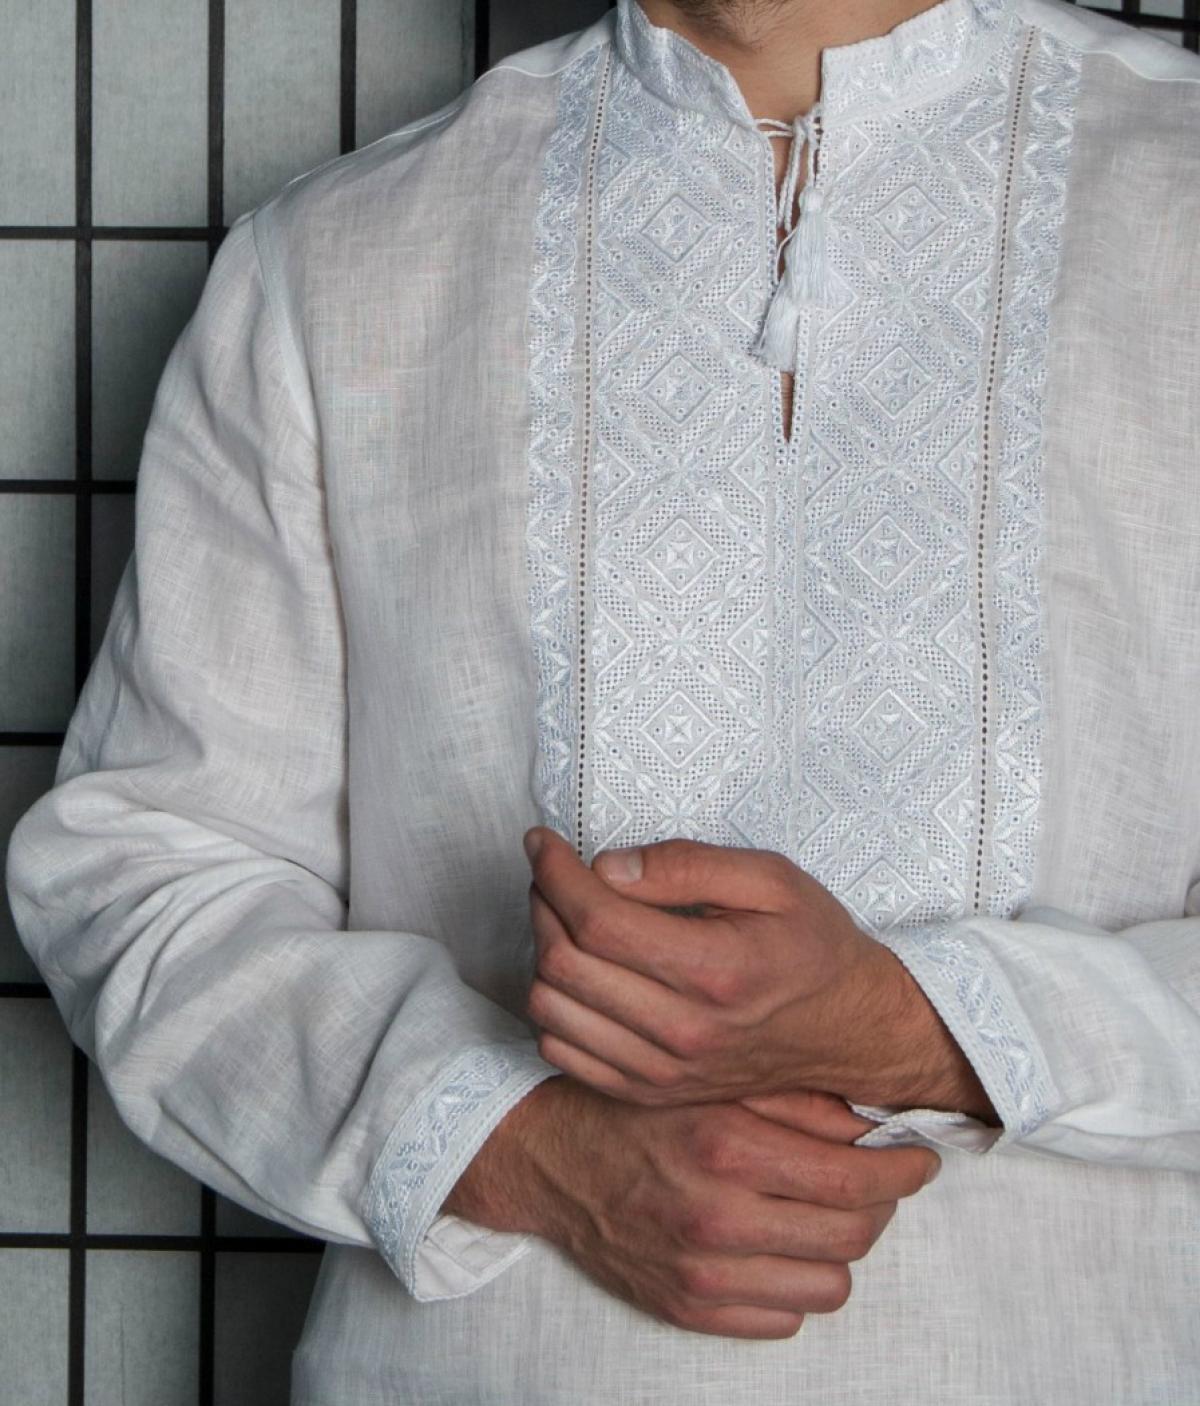 Біла чоловіча вишиванка з білою вишивкою. Фото №2. | Народний дім Україна